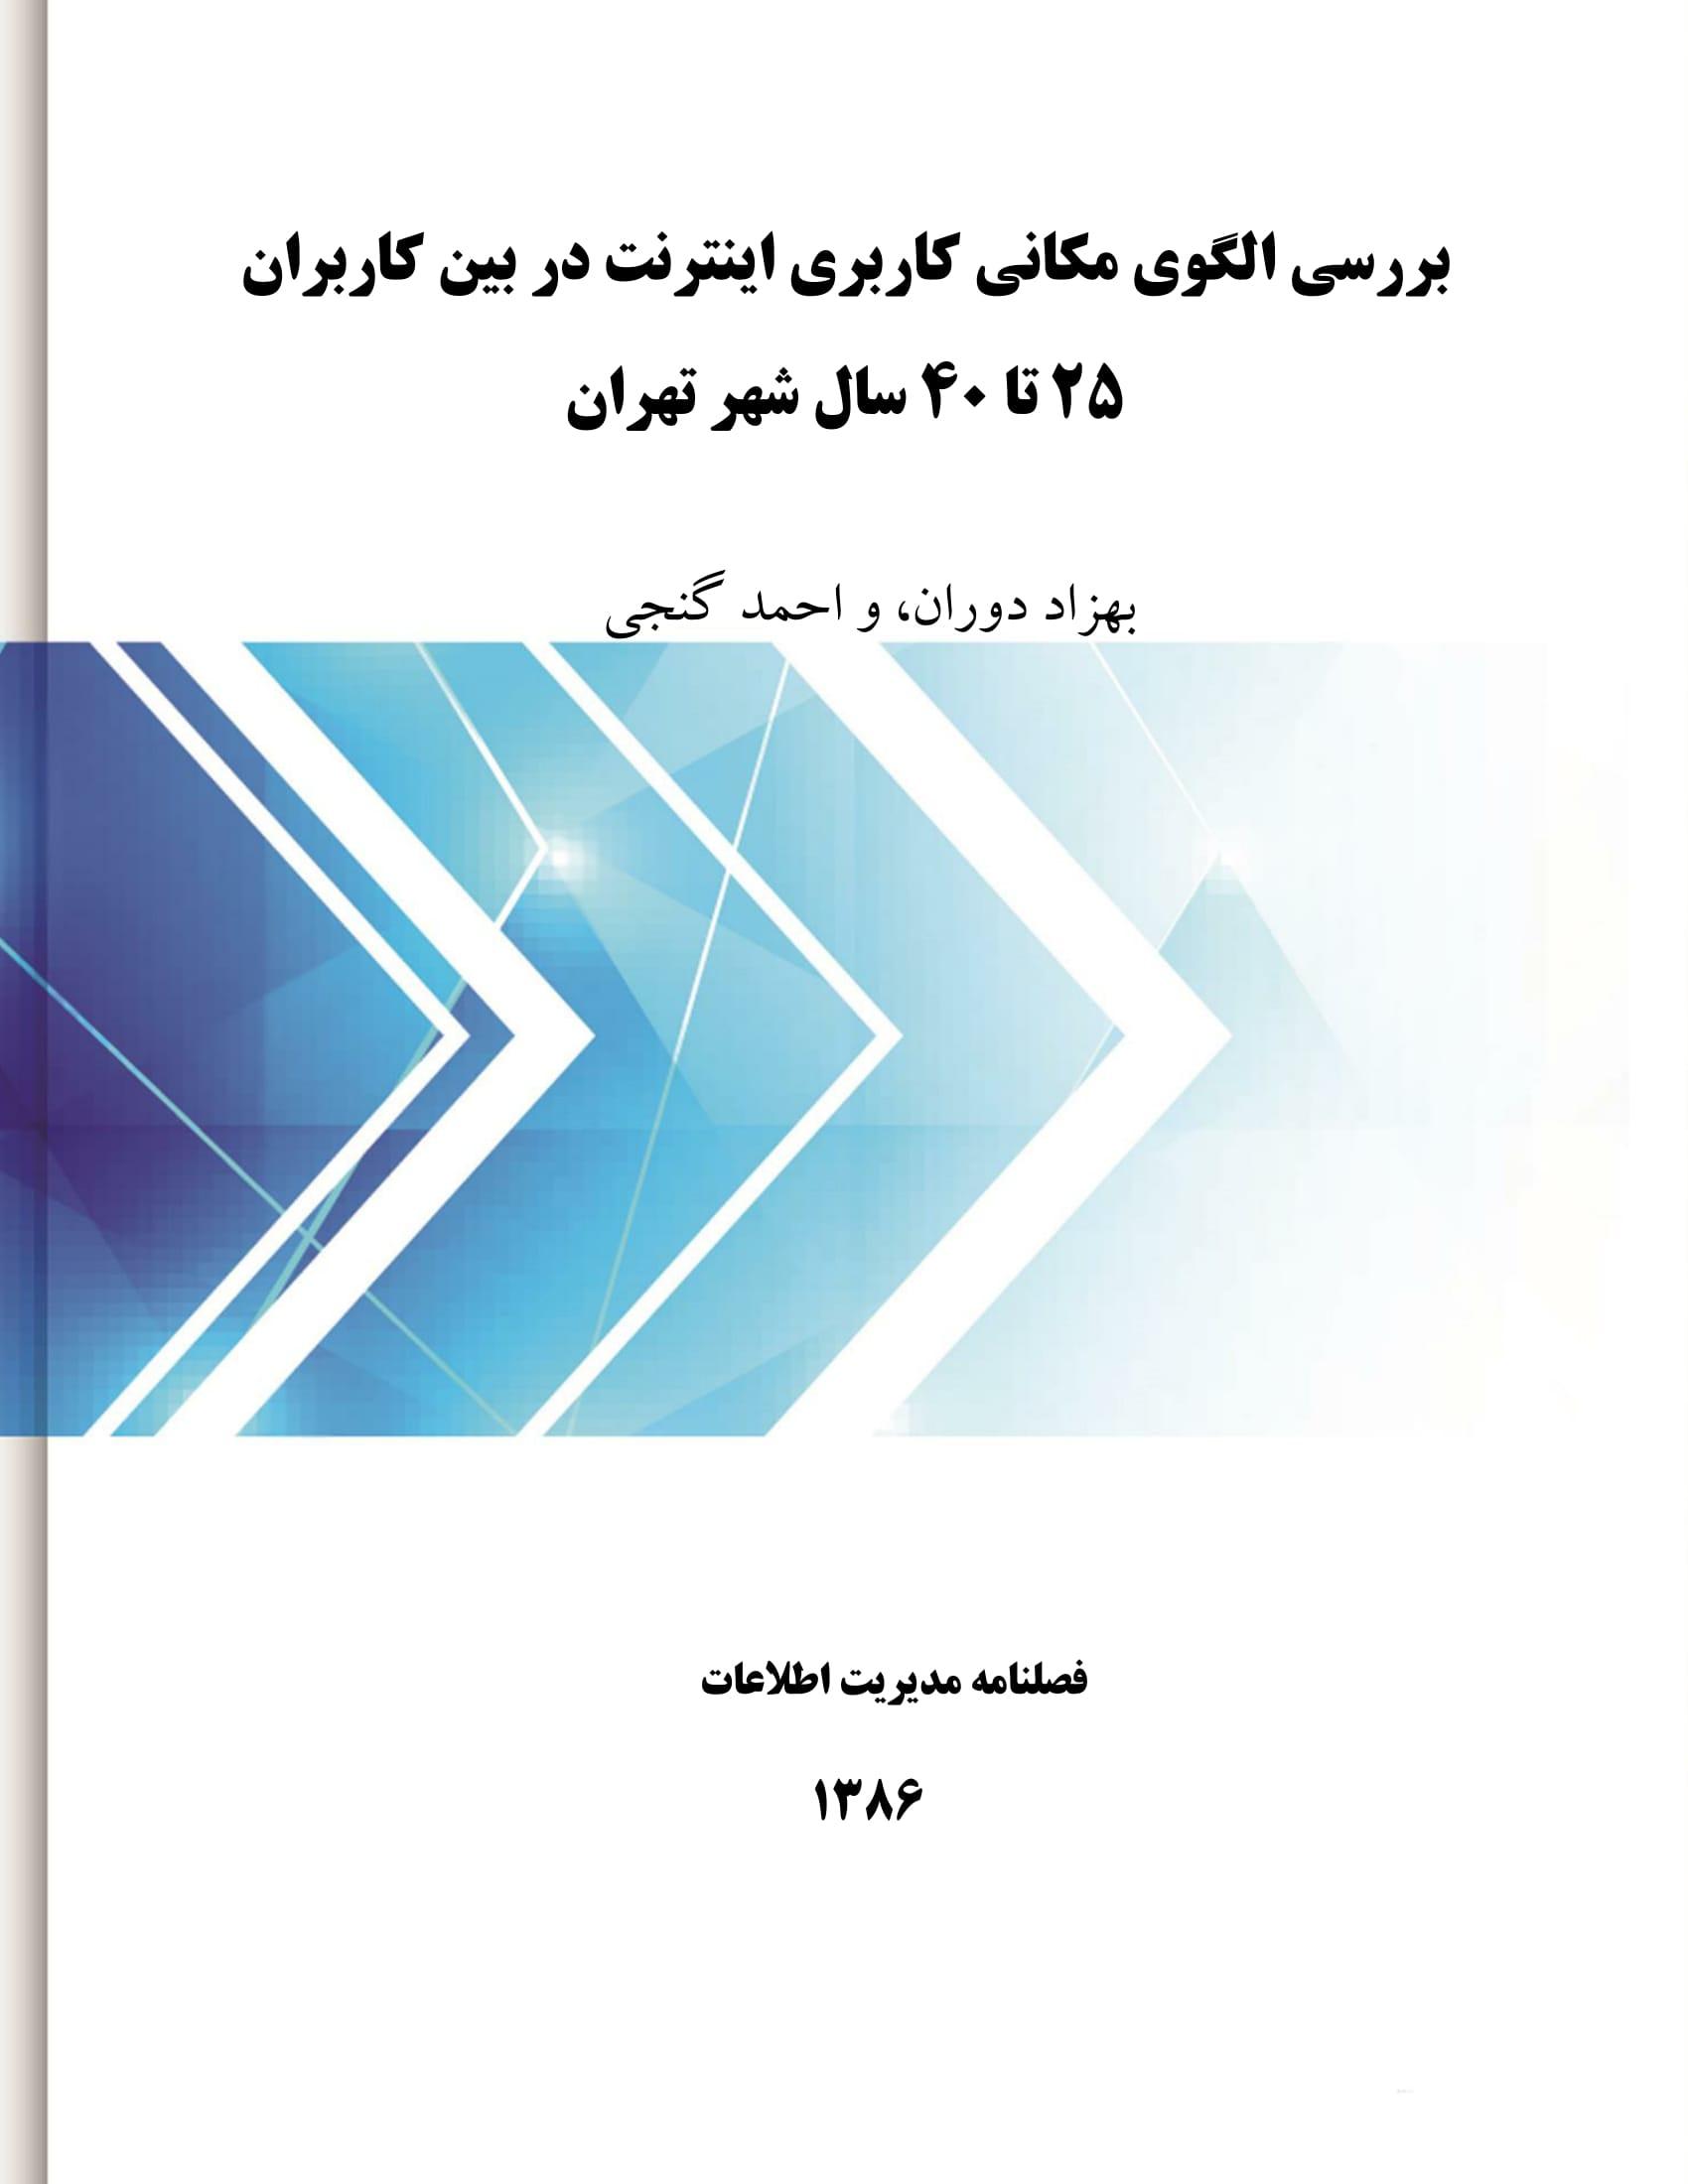 بررسی الگوی مکانی کاربری اینترنت در بین کاربران 25 تا 40 سال شهر تهران